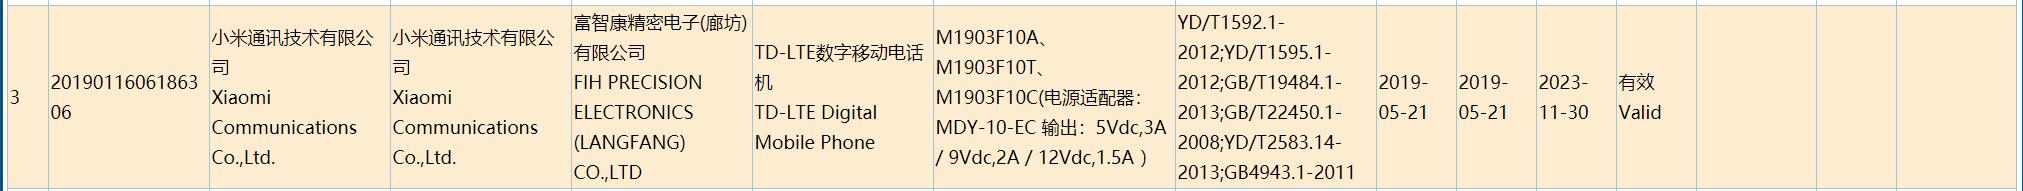 红米K20和K20 Pro入网:顶配版支持27W快充